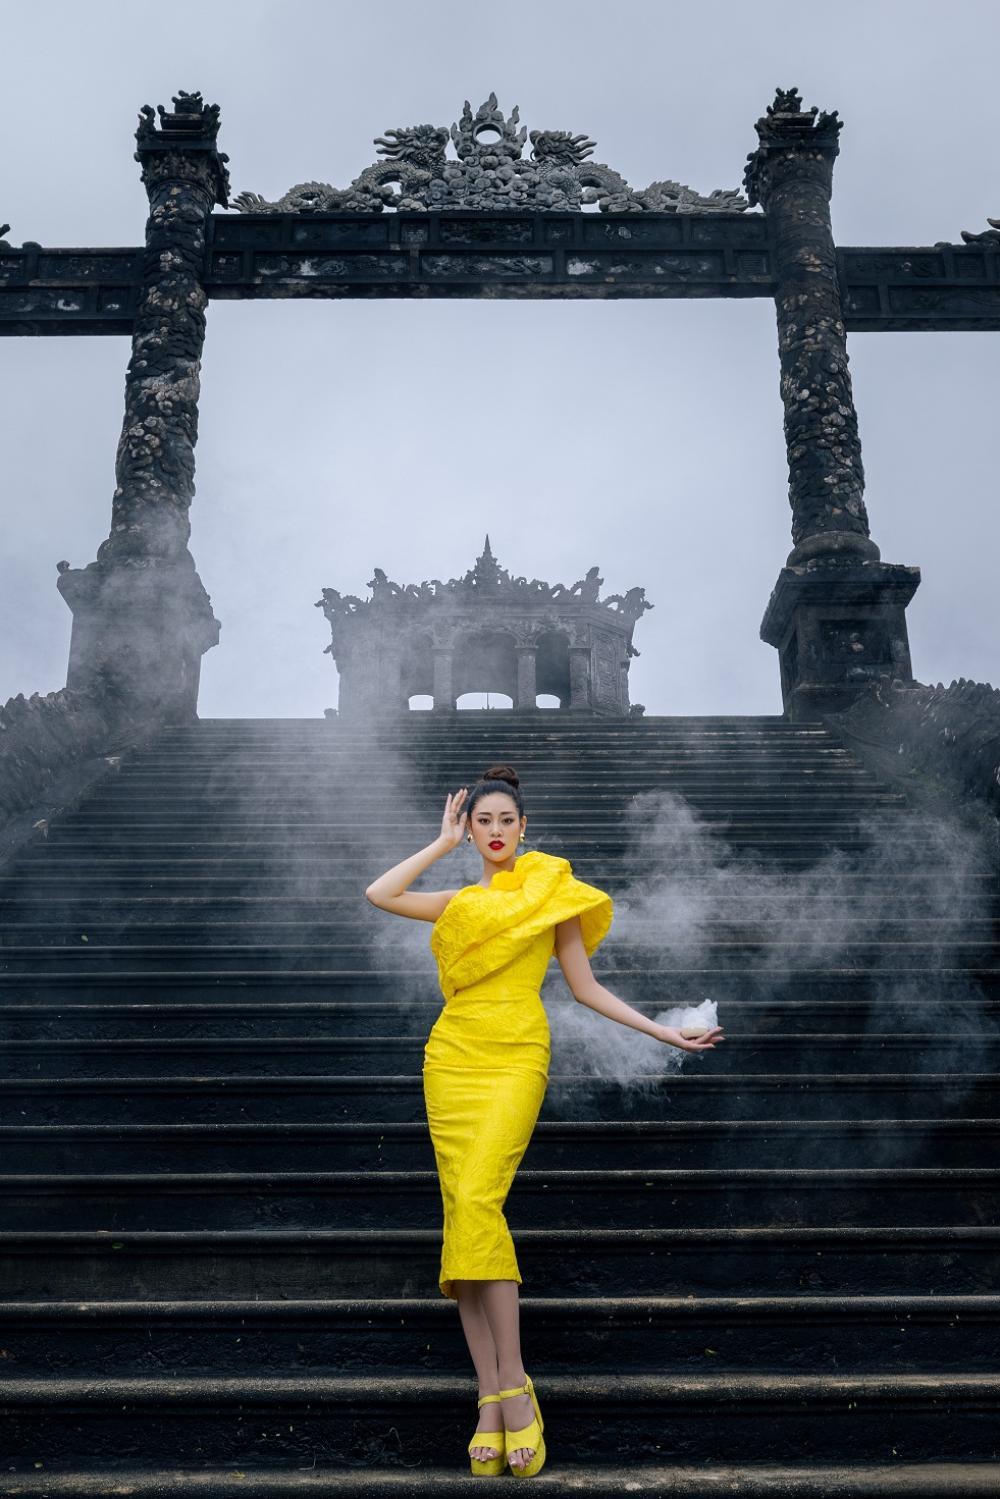 Võ Hoàng Yến, Hoa hậu Khánh Vân diện váy vóc rực rỡ tạo dáng kiêu sa tại cố đô Huế Ảnh 5